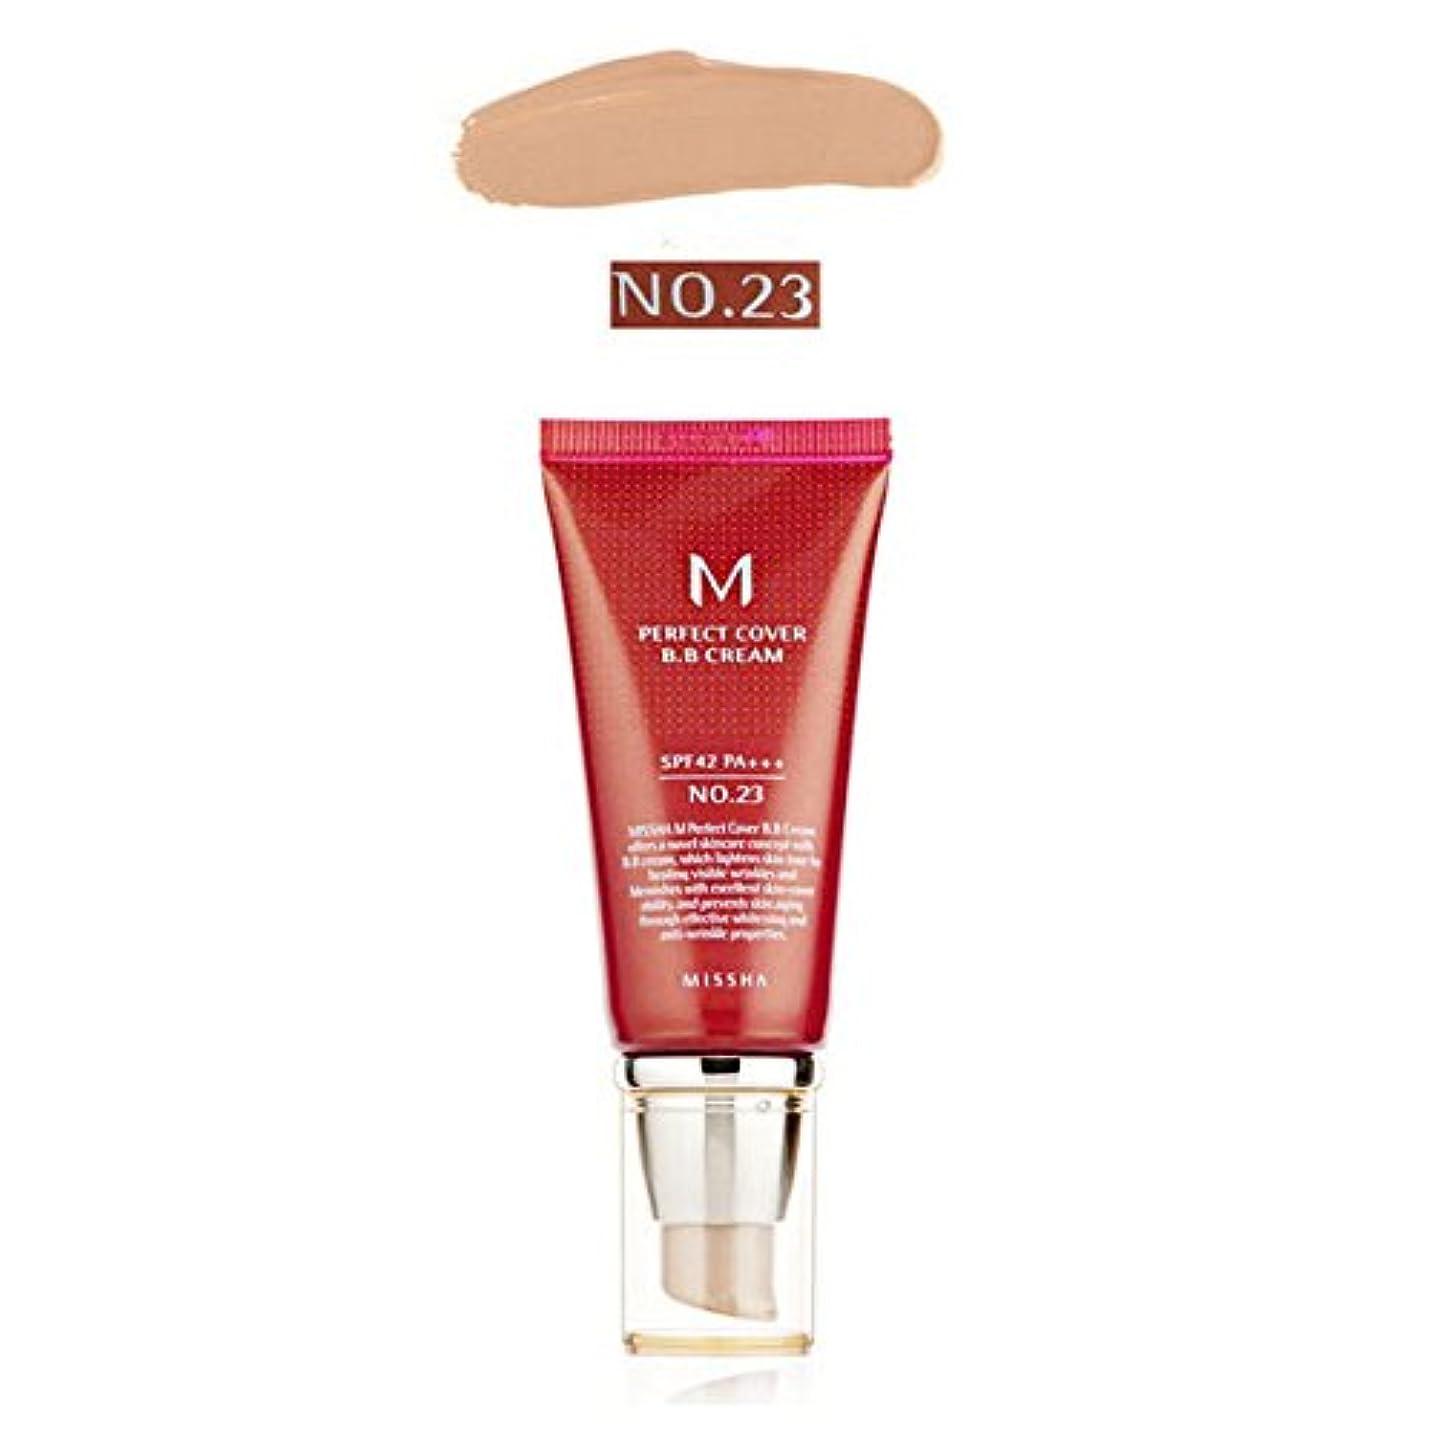 矩形ピンチバックアップ[ミシャ] MISSHA [M パーフェクト カバー BBクリーム 21号 / 23号50ml] (M Perfect Cover BB cream 21号 / 23号 50ml) SPF42 PA+++ (Type2 : No.23 Medium Beige) [並行輸入品]